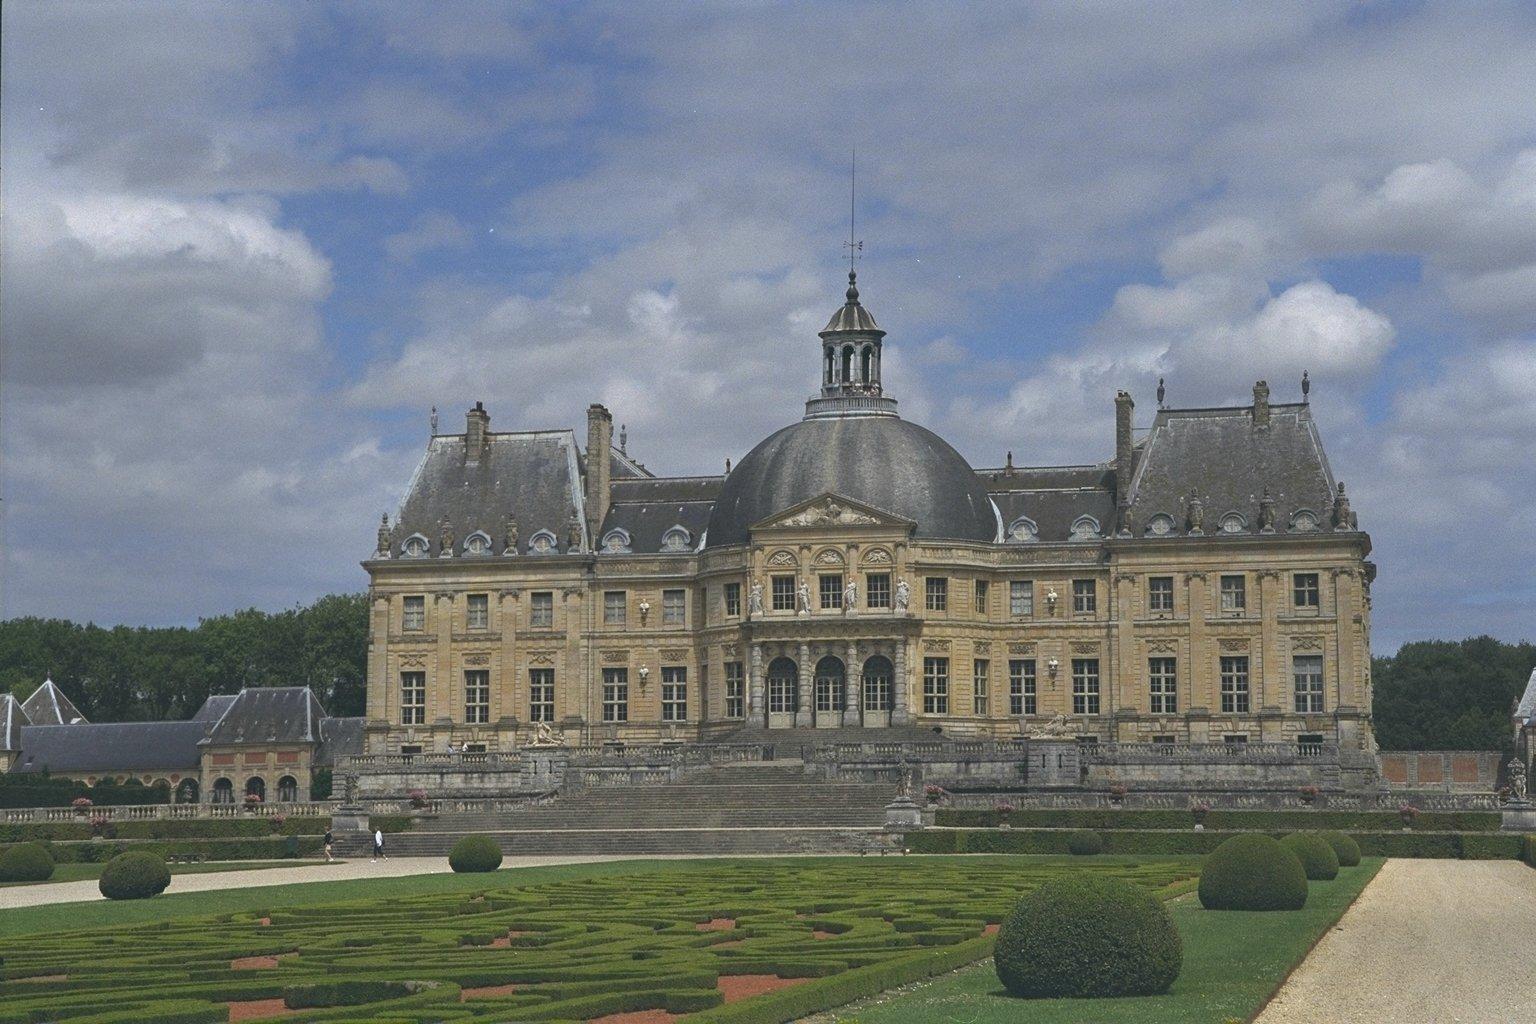 Chateau Vaux le Vicomte (Moonraker - 1979)